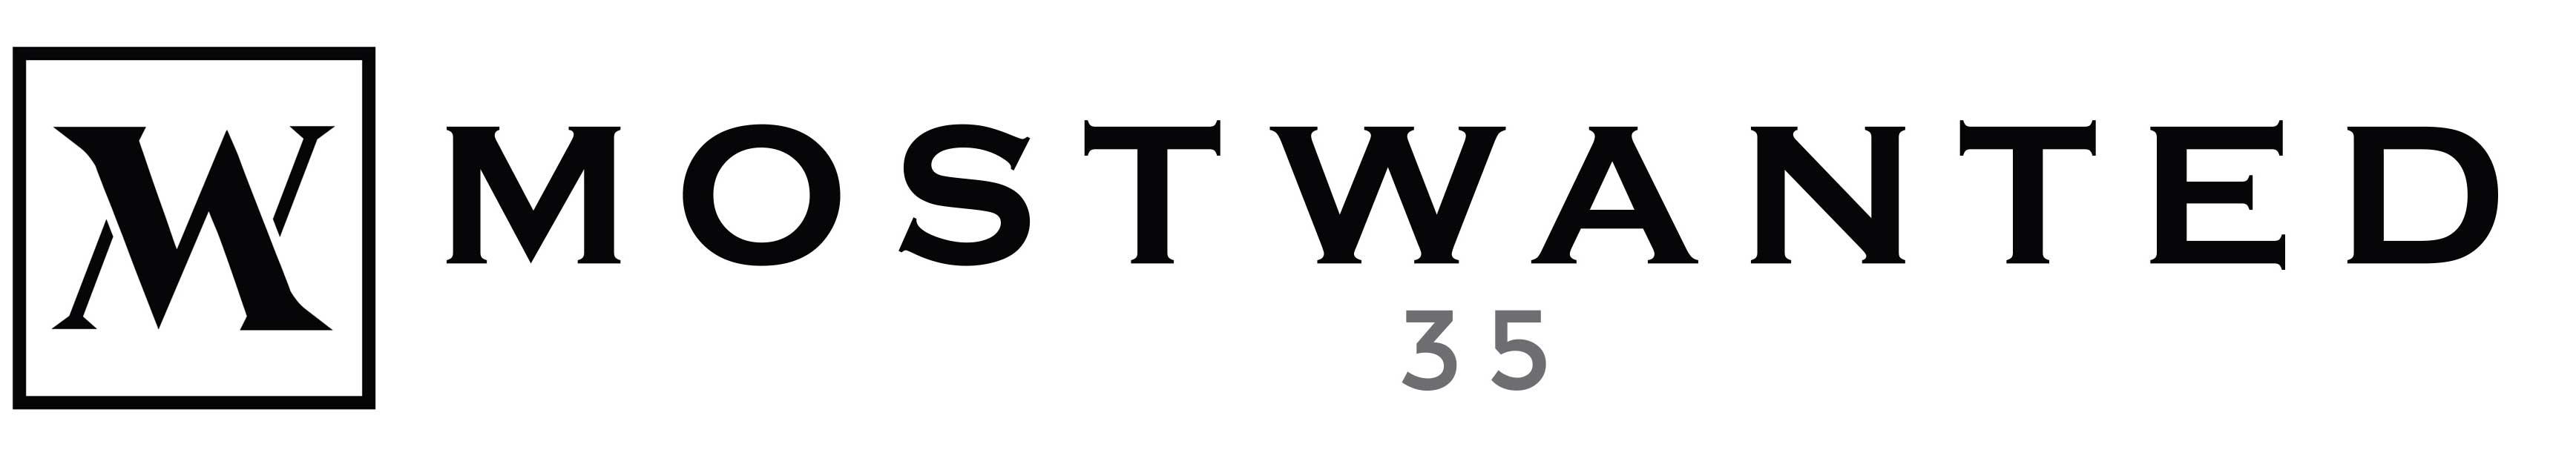 Mostwanted35 Logo